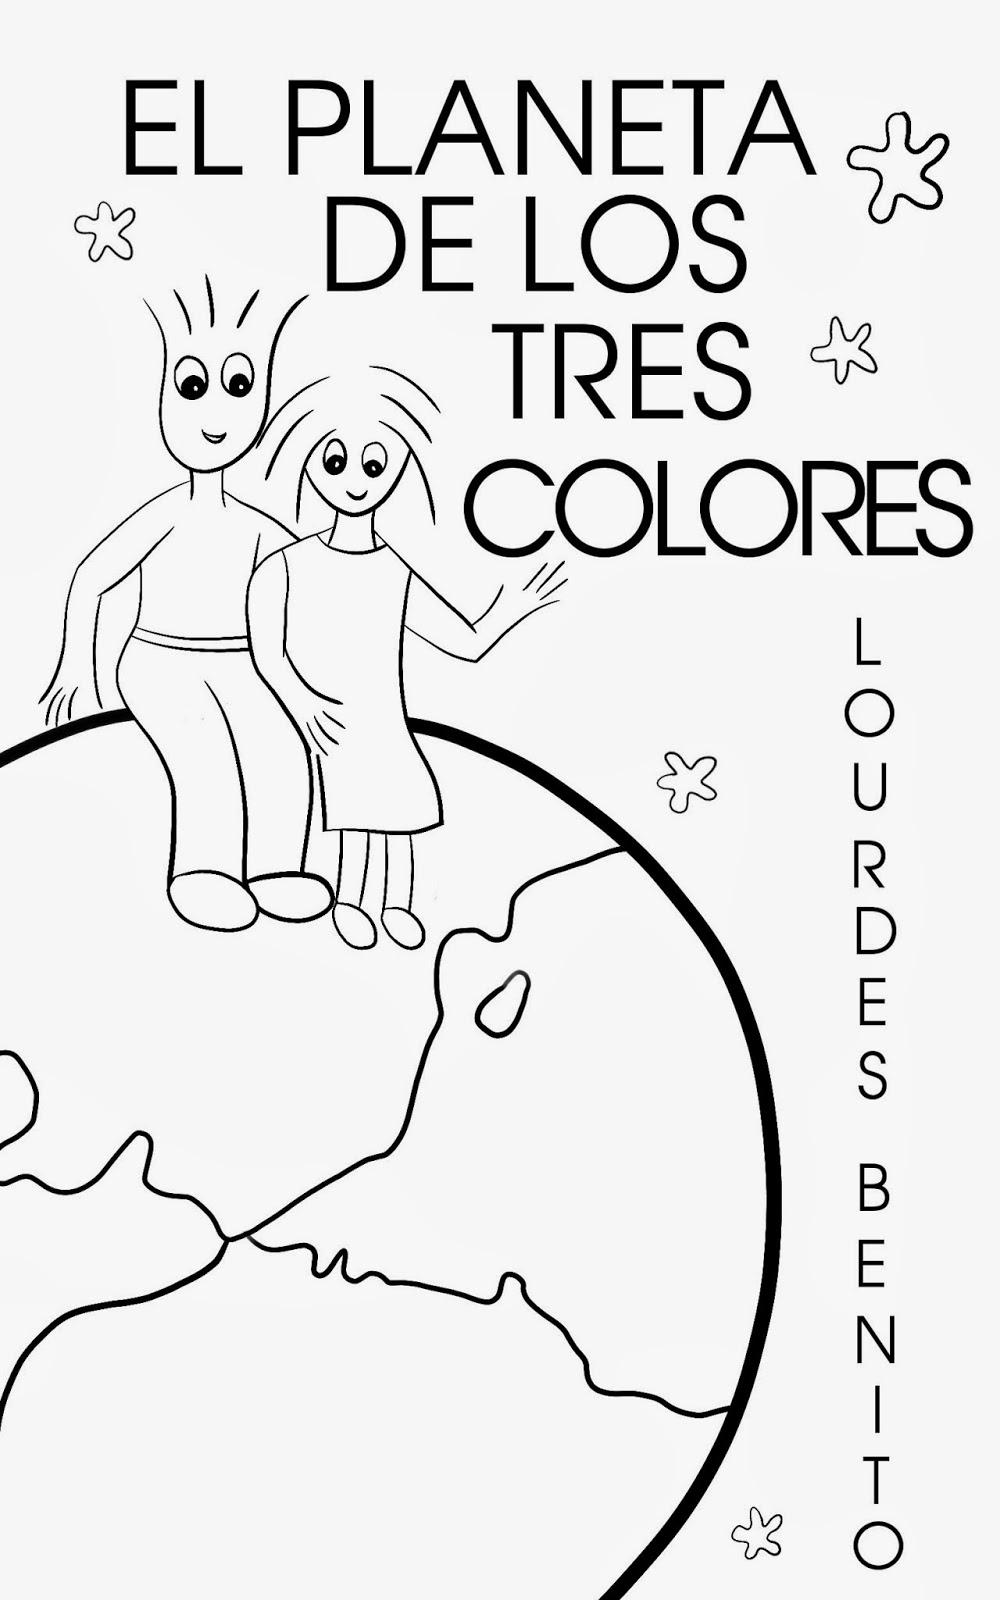 Imagenes De Portadas De Libros Infantiles Para Colorear